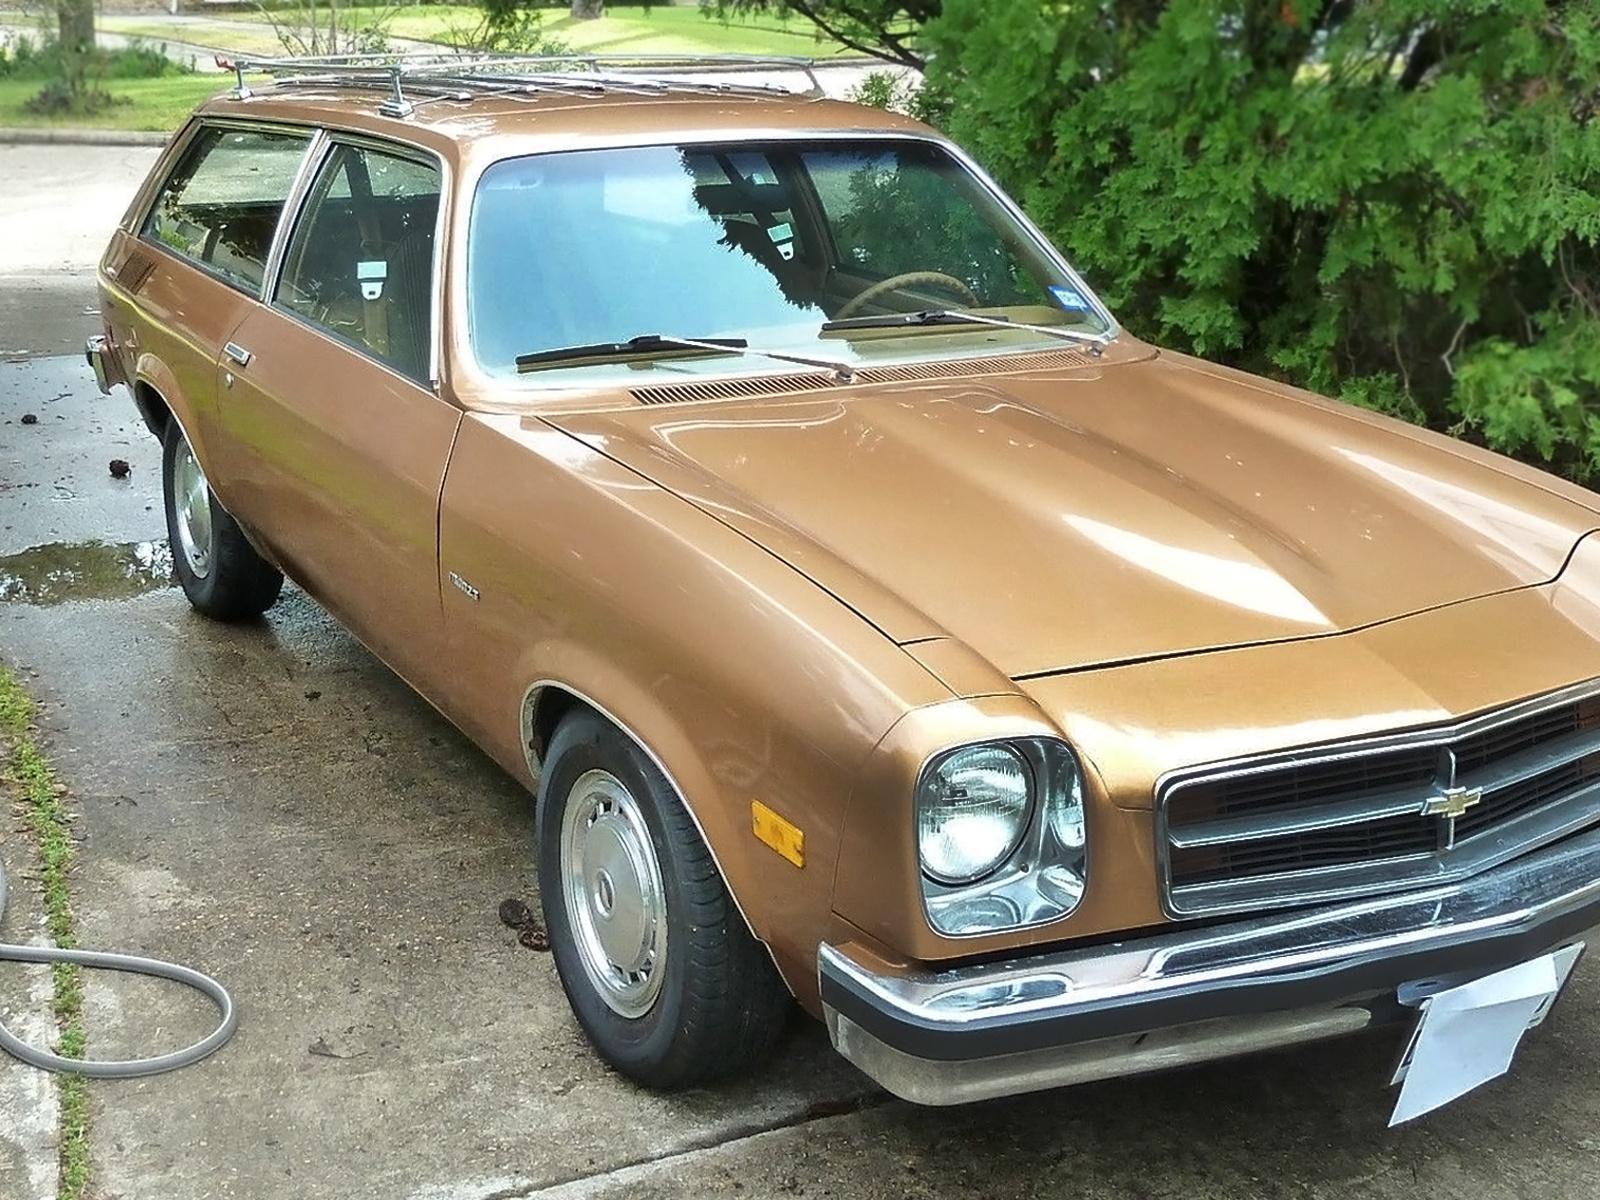 Chevrolet Monza 78